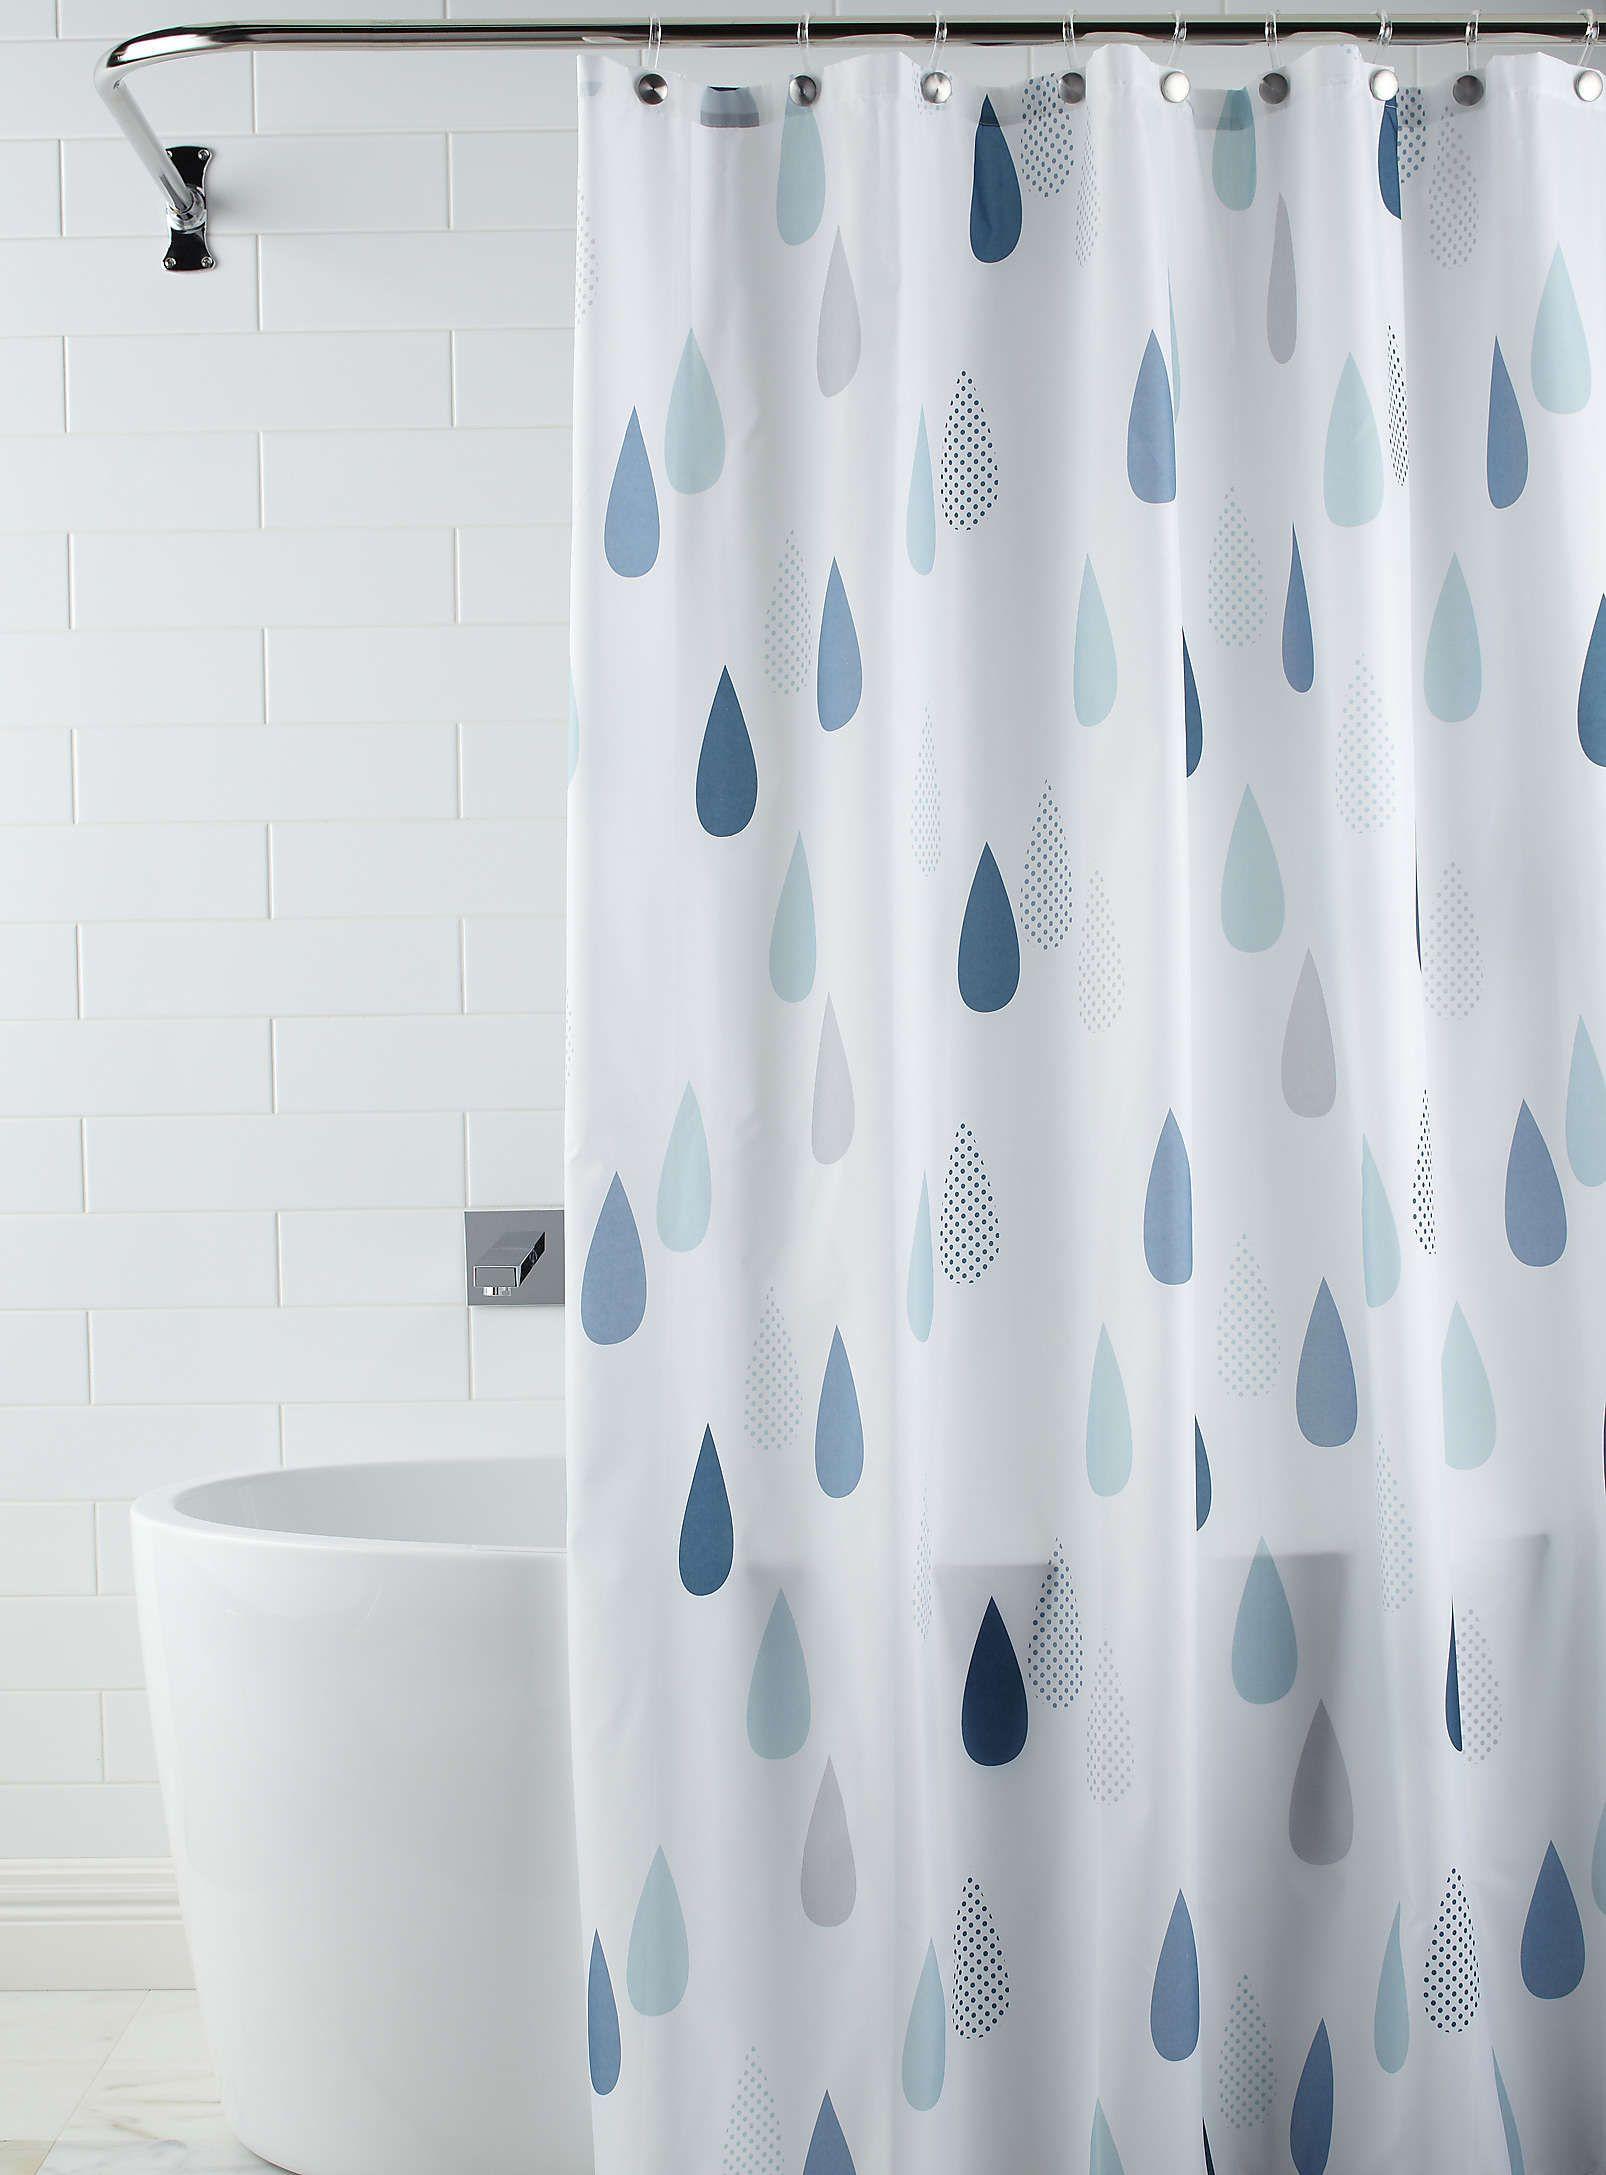 rideau de douche goutte d'eau